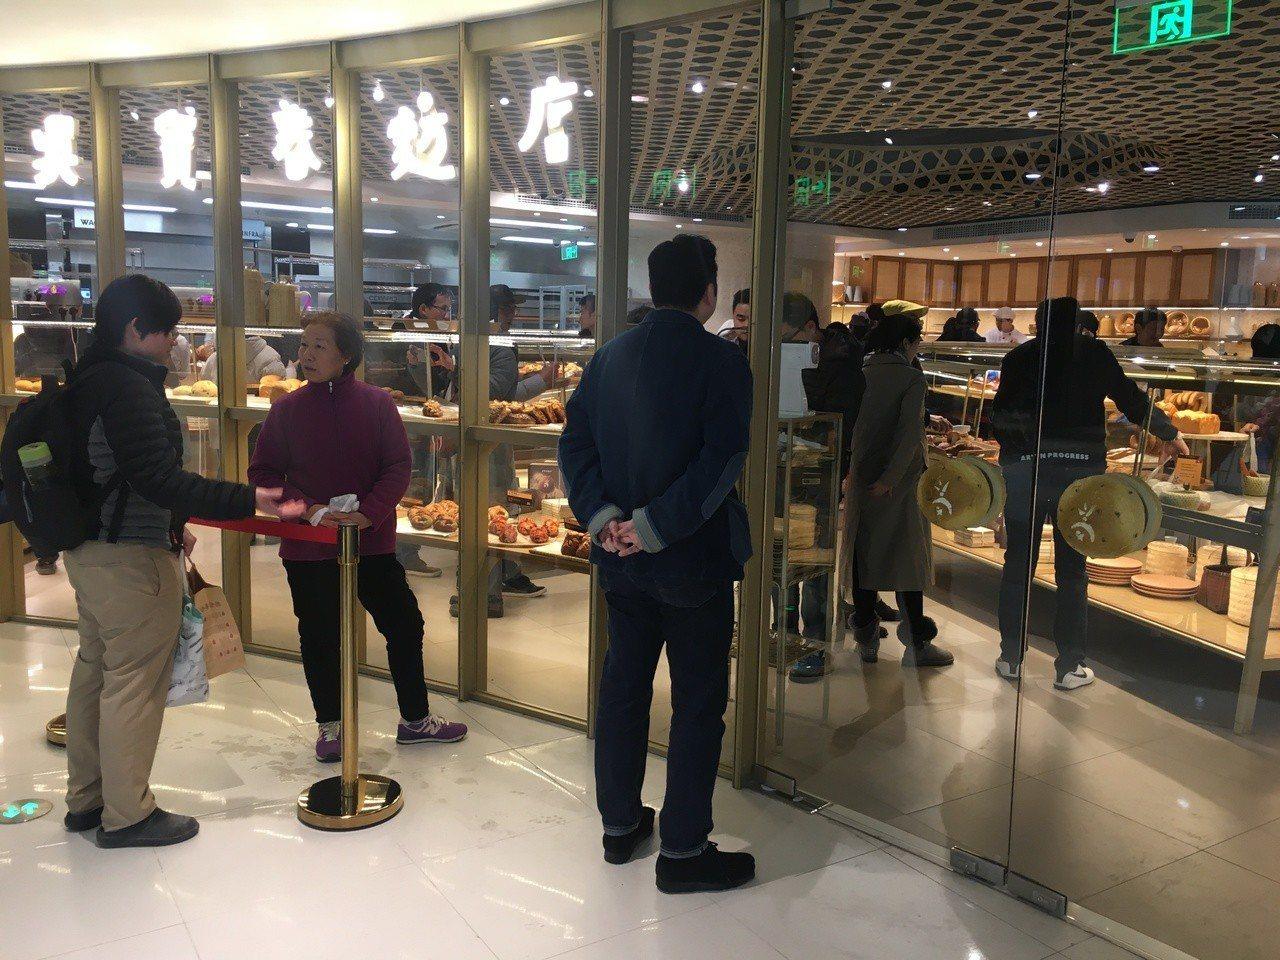 吳寶春在周一傍晚發表聲明後,其在上海門店生意更好,11日下午甚至一度須進行人流控...